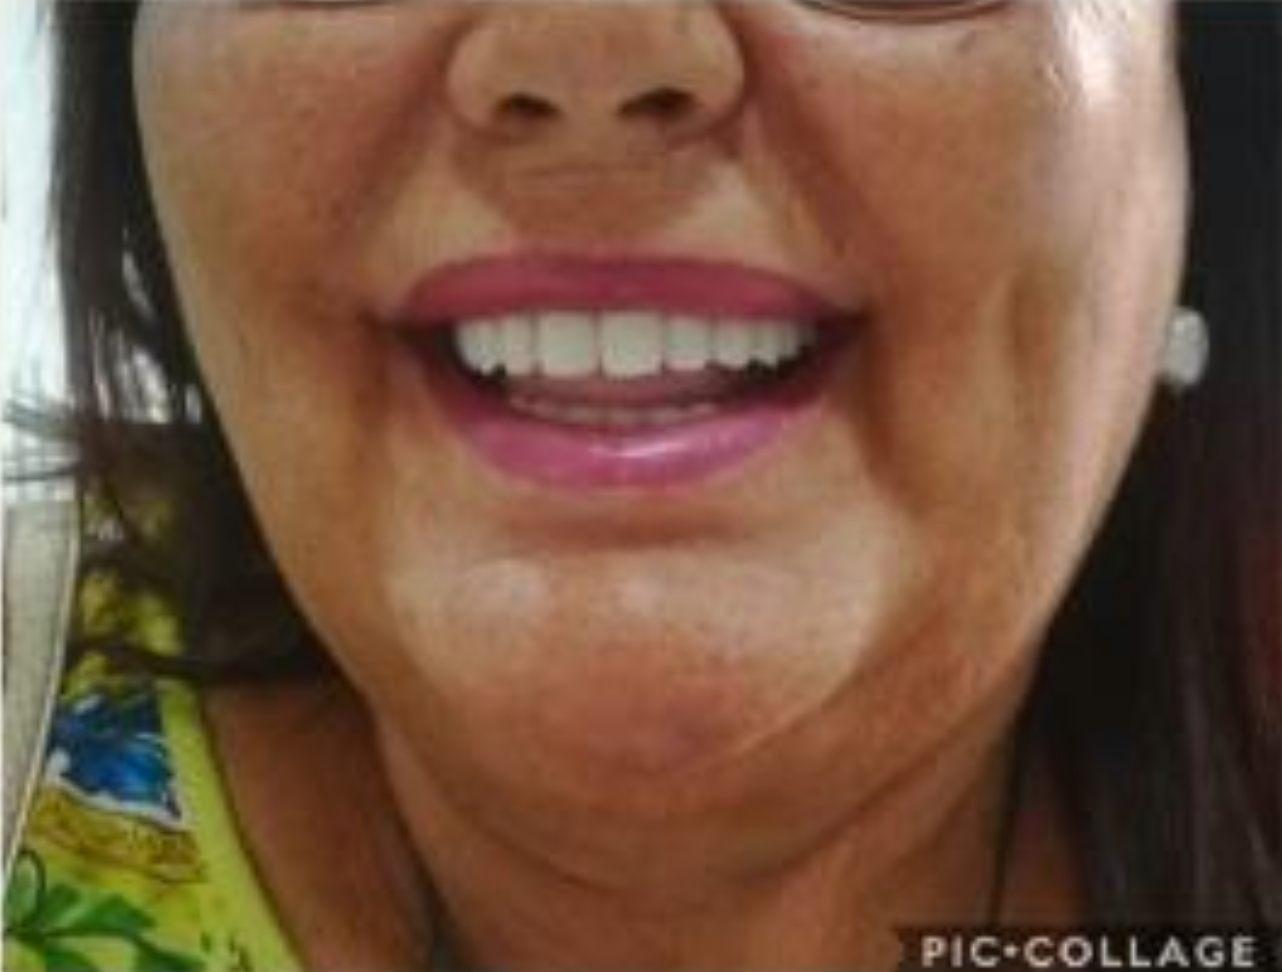 recuperar masticacion y estetica dental despues